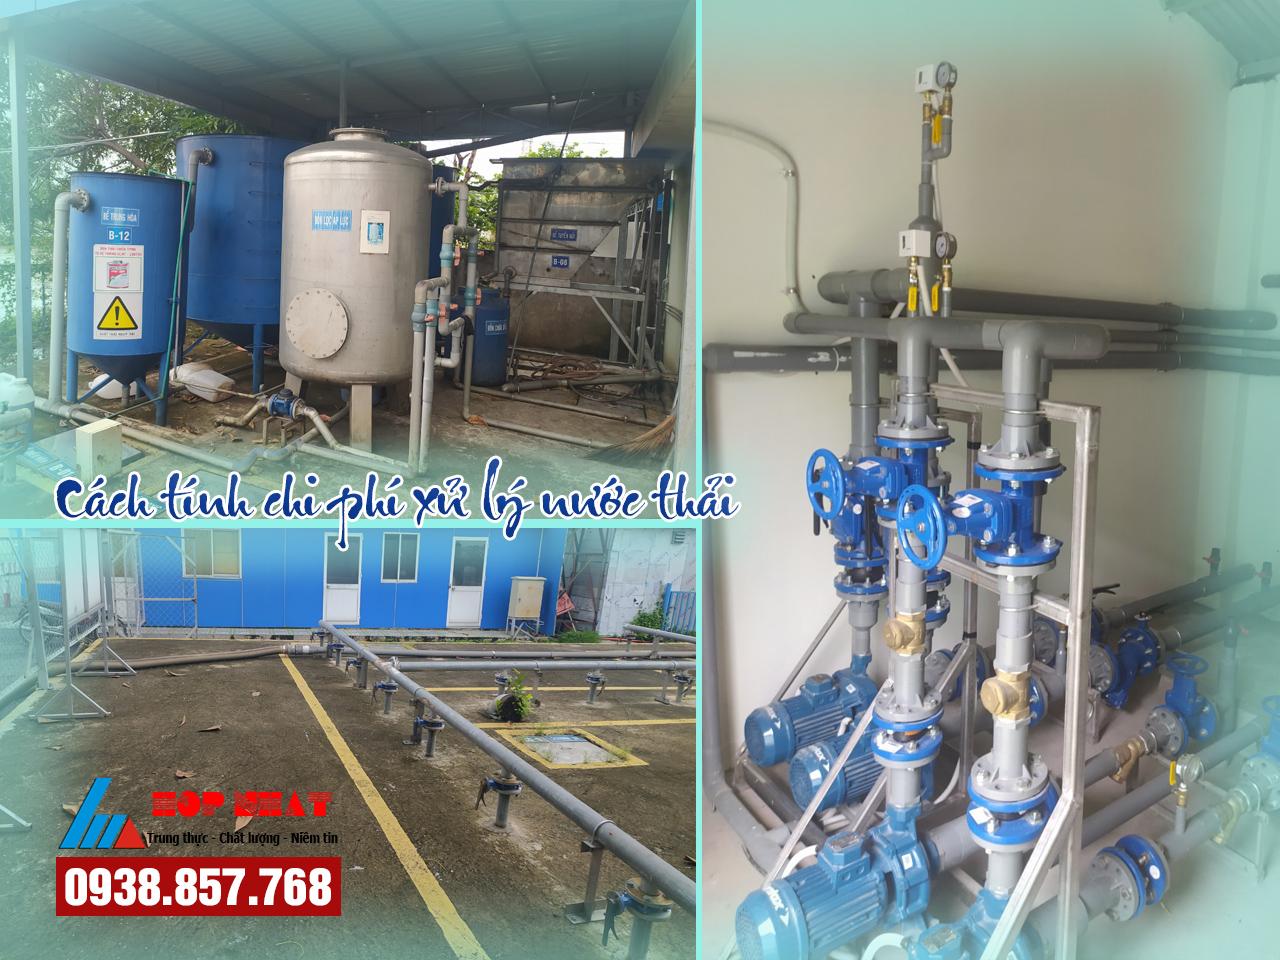 Cách tính chi phí xử lý nước thải